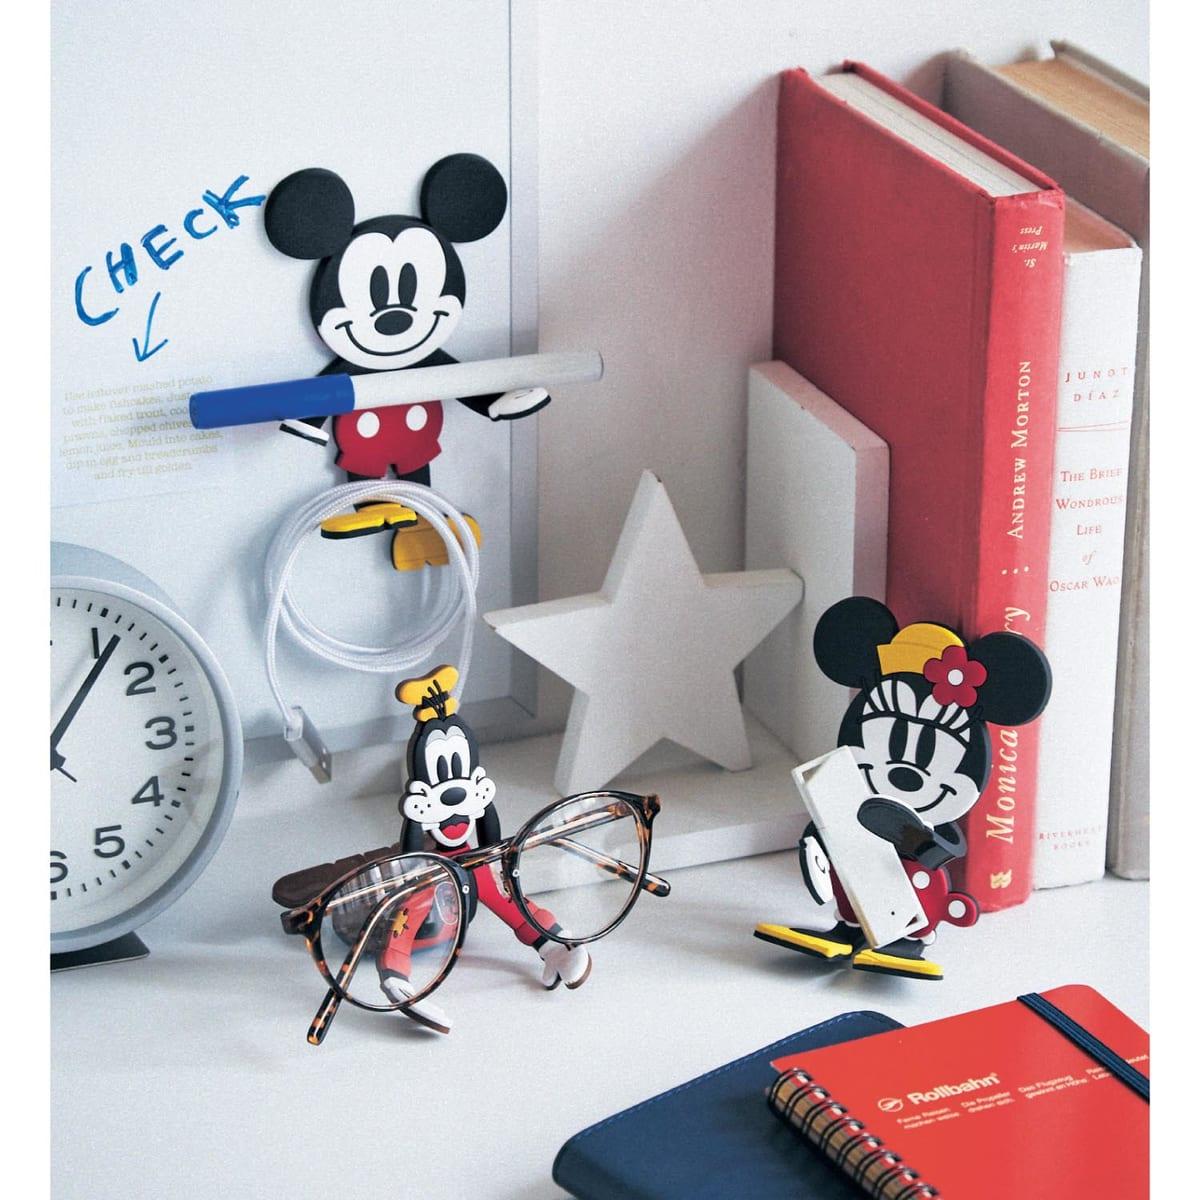 JR品川駅「Disney Fantasy Shop by BELLE MAISON」3